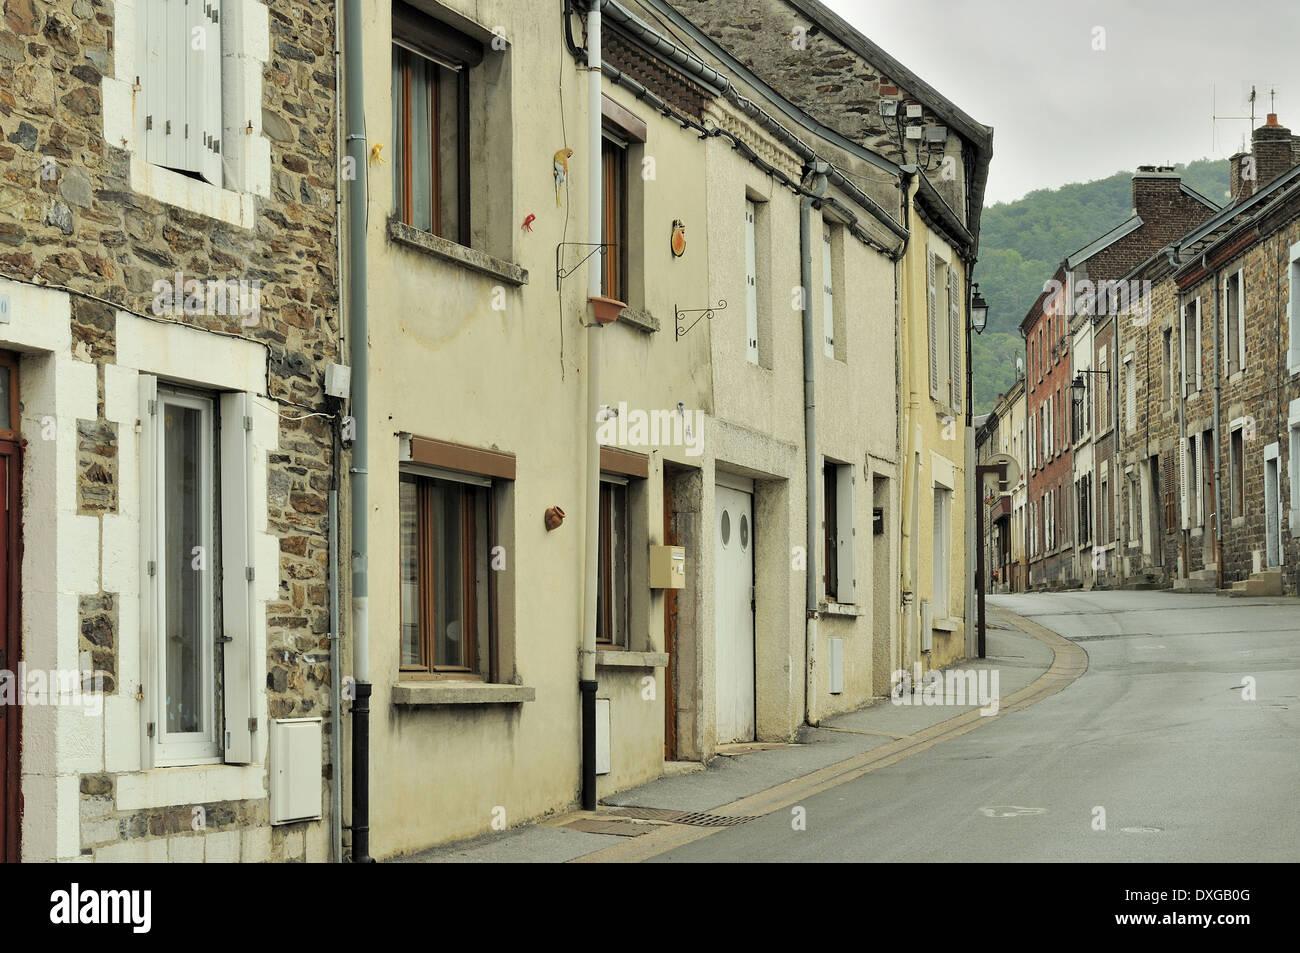 Case In Pietra E Mattoni : Scorcio della strada vuota nel villaggio circondato da antiche